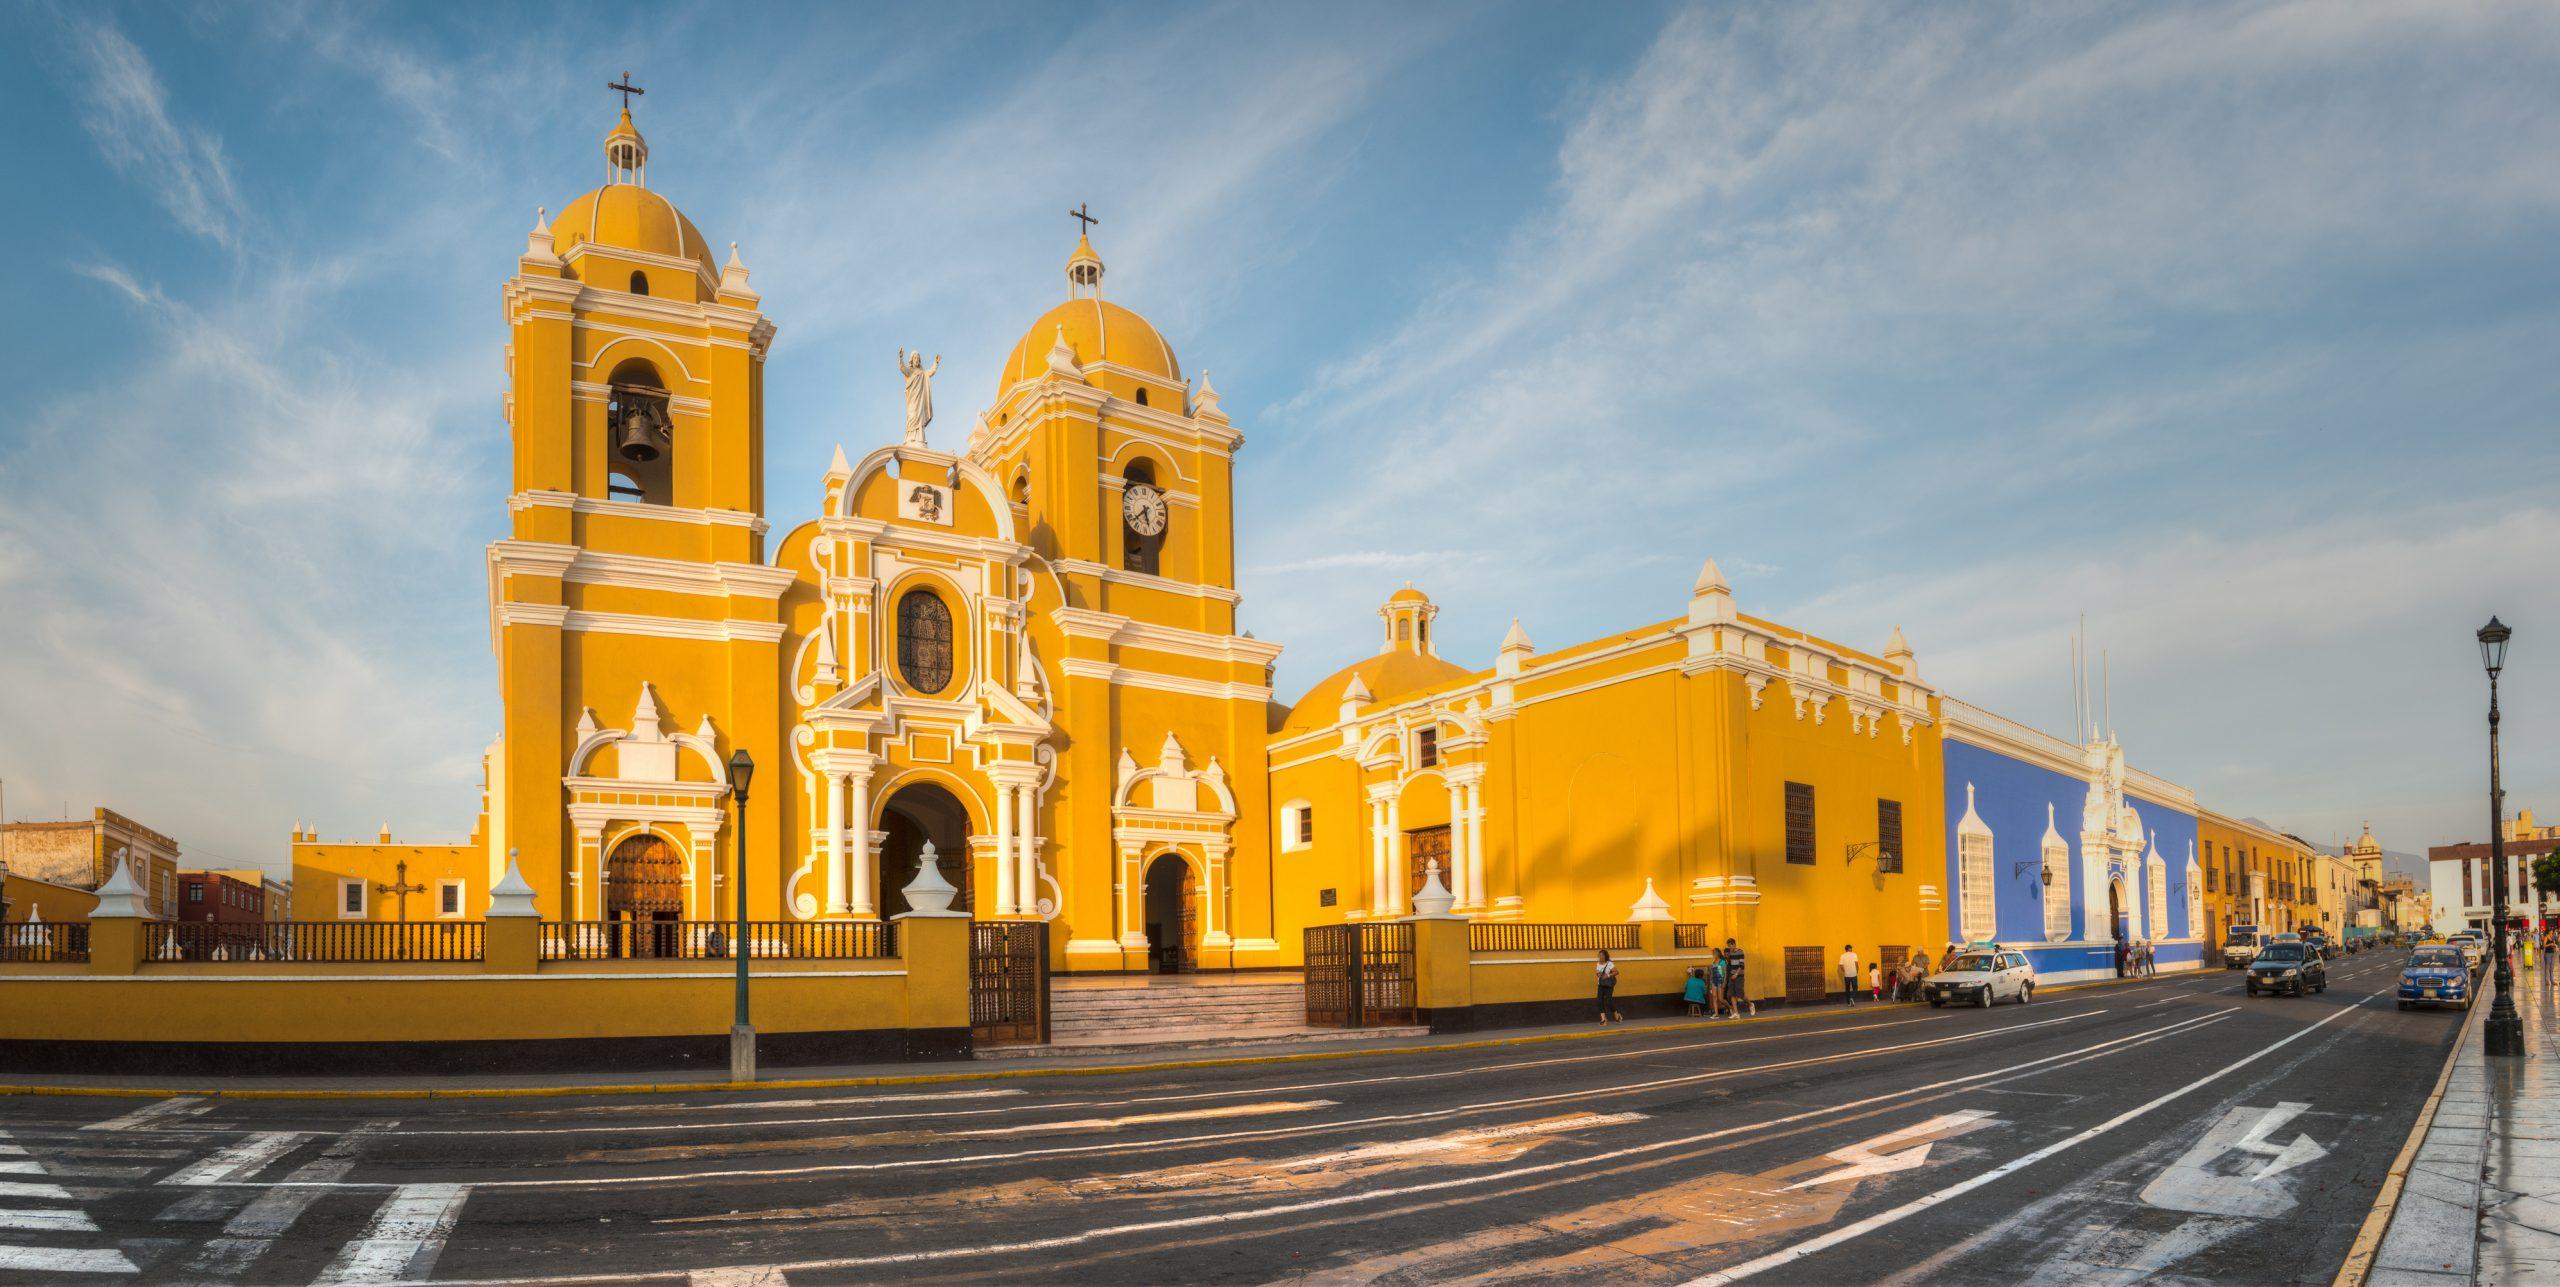 TumiTour: Llevamos la Facturación Electrónica a Trujillo, Chiclayo y Piura facturación electrónica